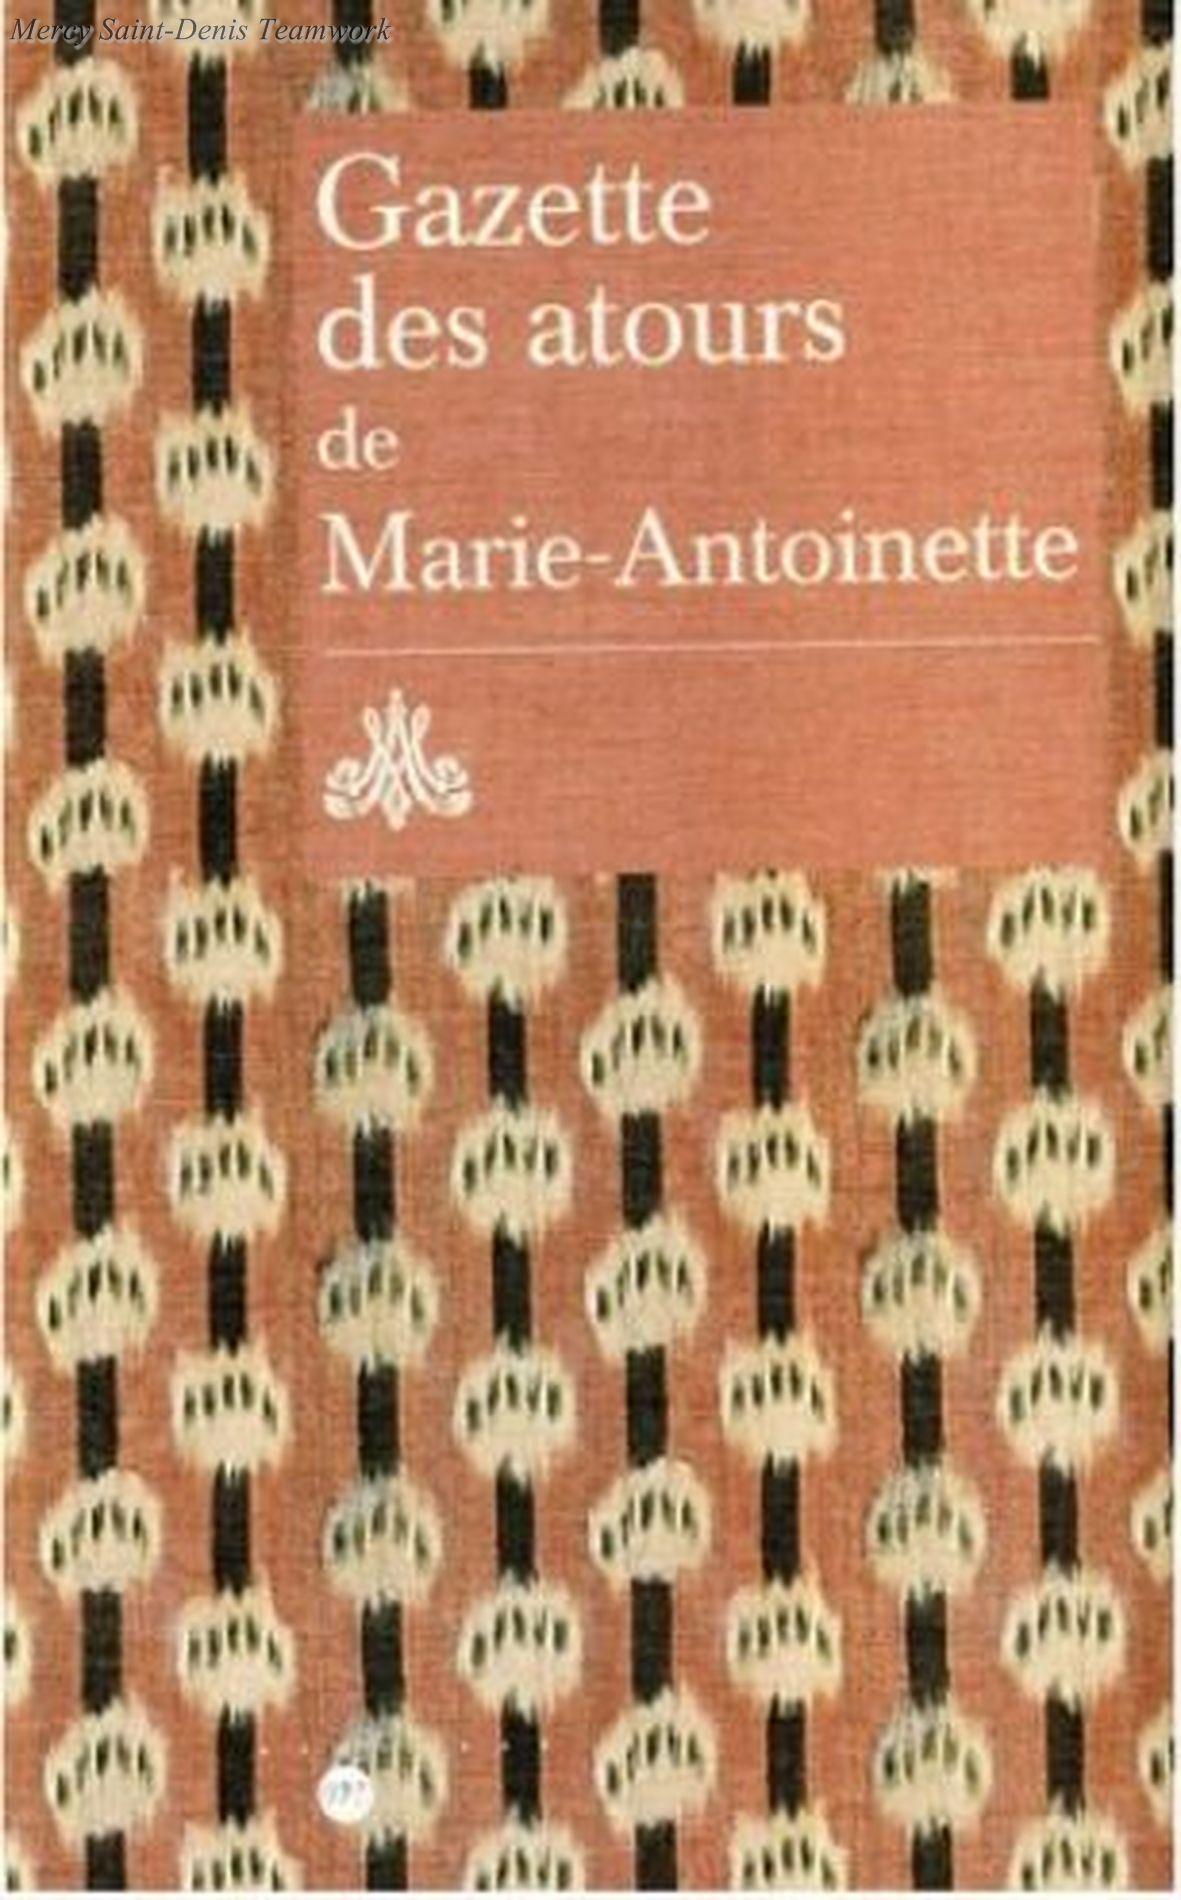 Gazette des atours de la reine Marie-Antoinette.   Pattern, Books, Marie  antoinette